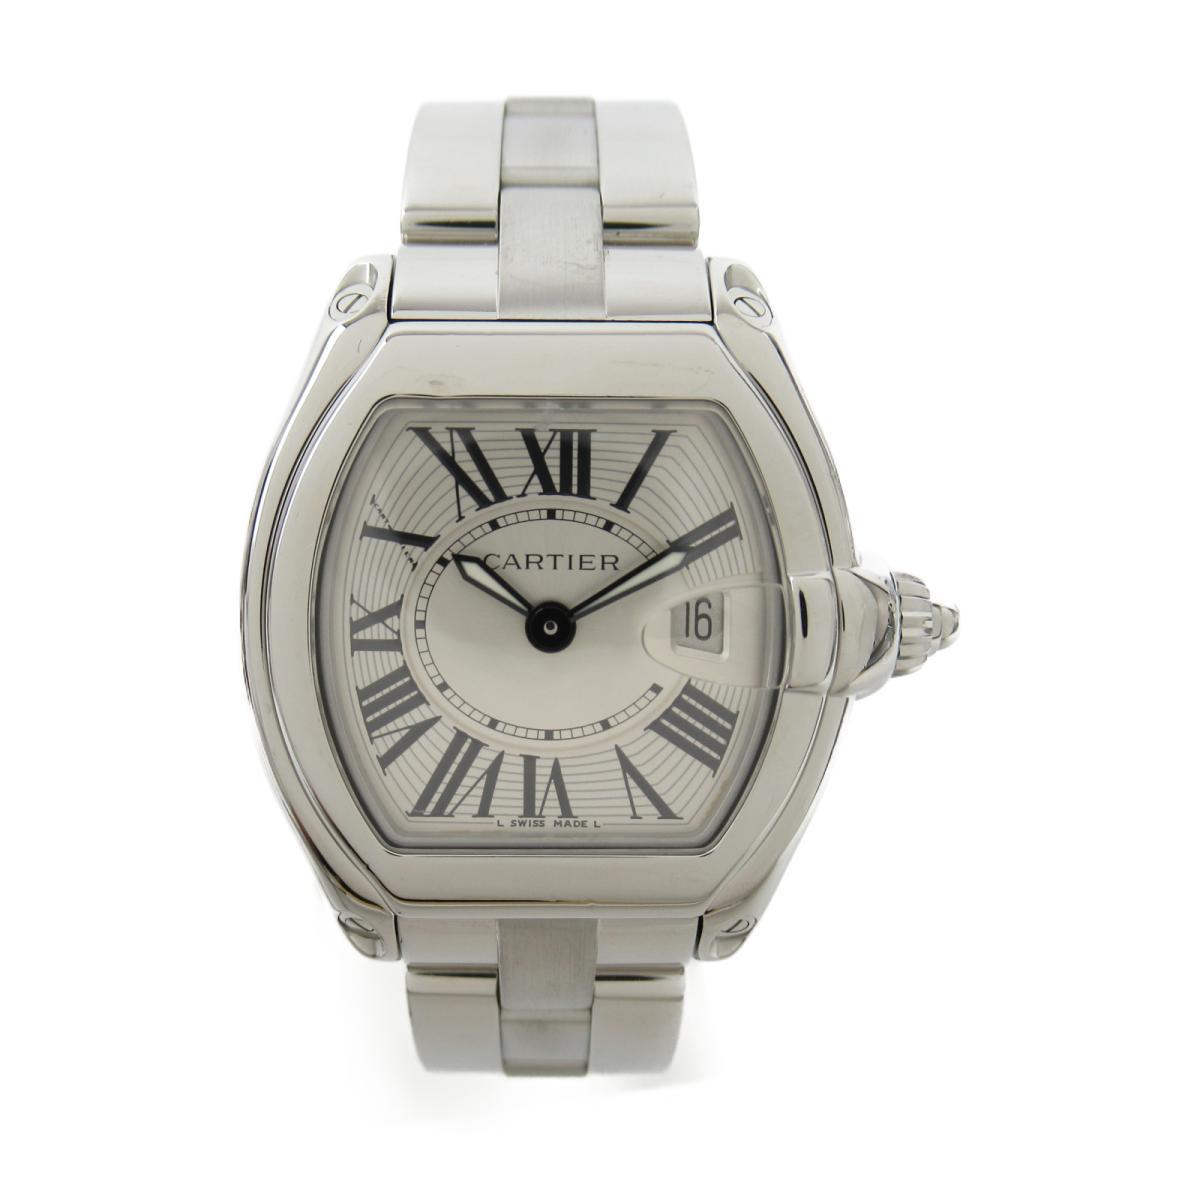 【中古】 カルティエ ロードスターSM ウォッチ 腕時計 レディース ステンレススチール (SS) (W62016V3) | Cartier BRANDOFF ブランドオフ ブランド ブランド時計 ブランド腕時計 時計